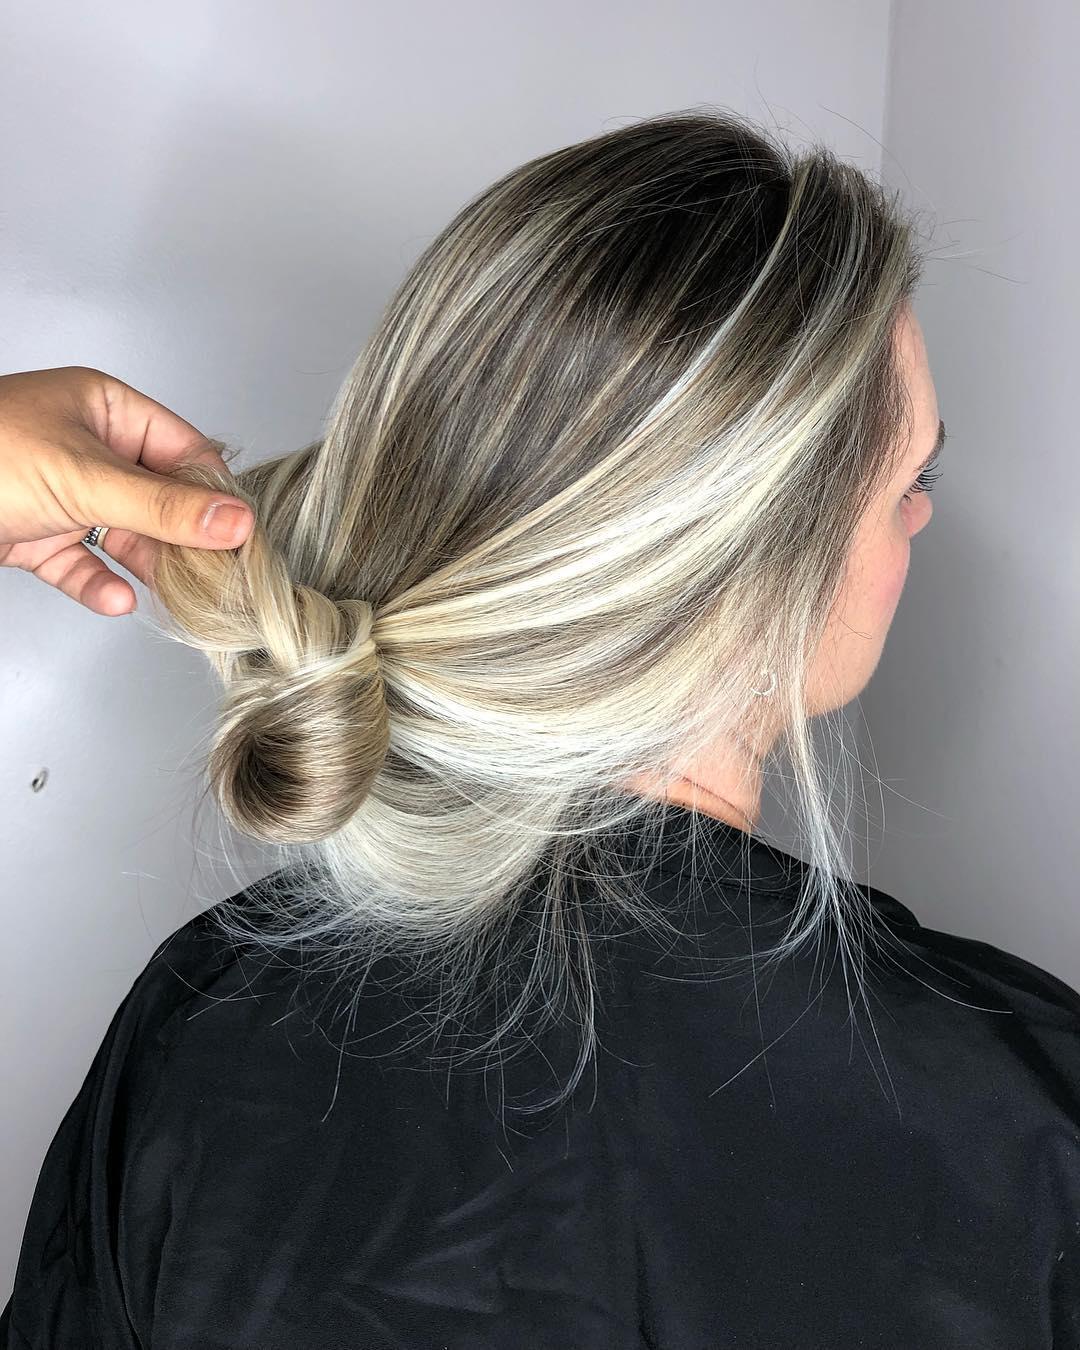 Lunga chioma con balayage ultra luminoso, perfetto per chi ha capelli lisci e sottili